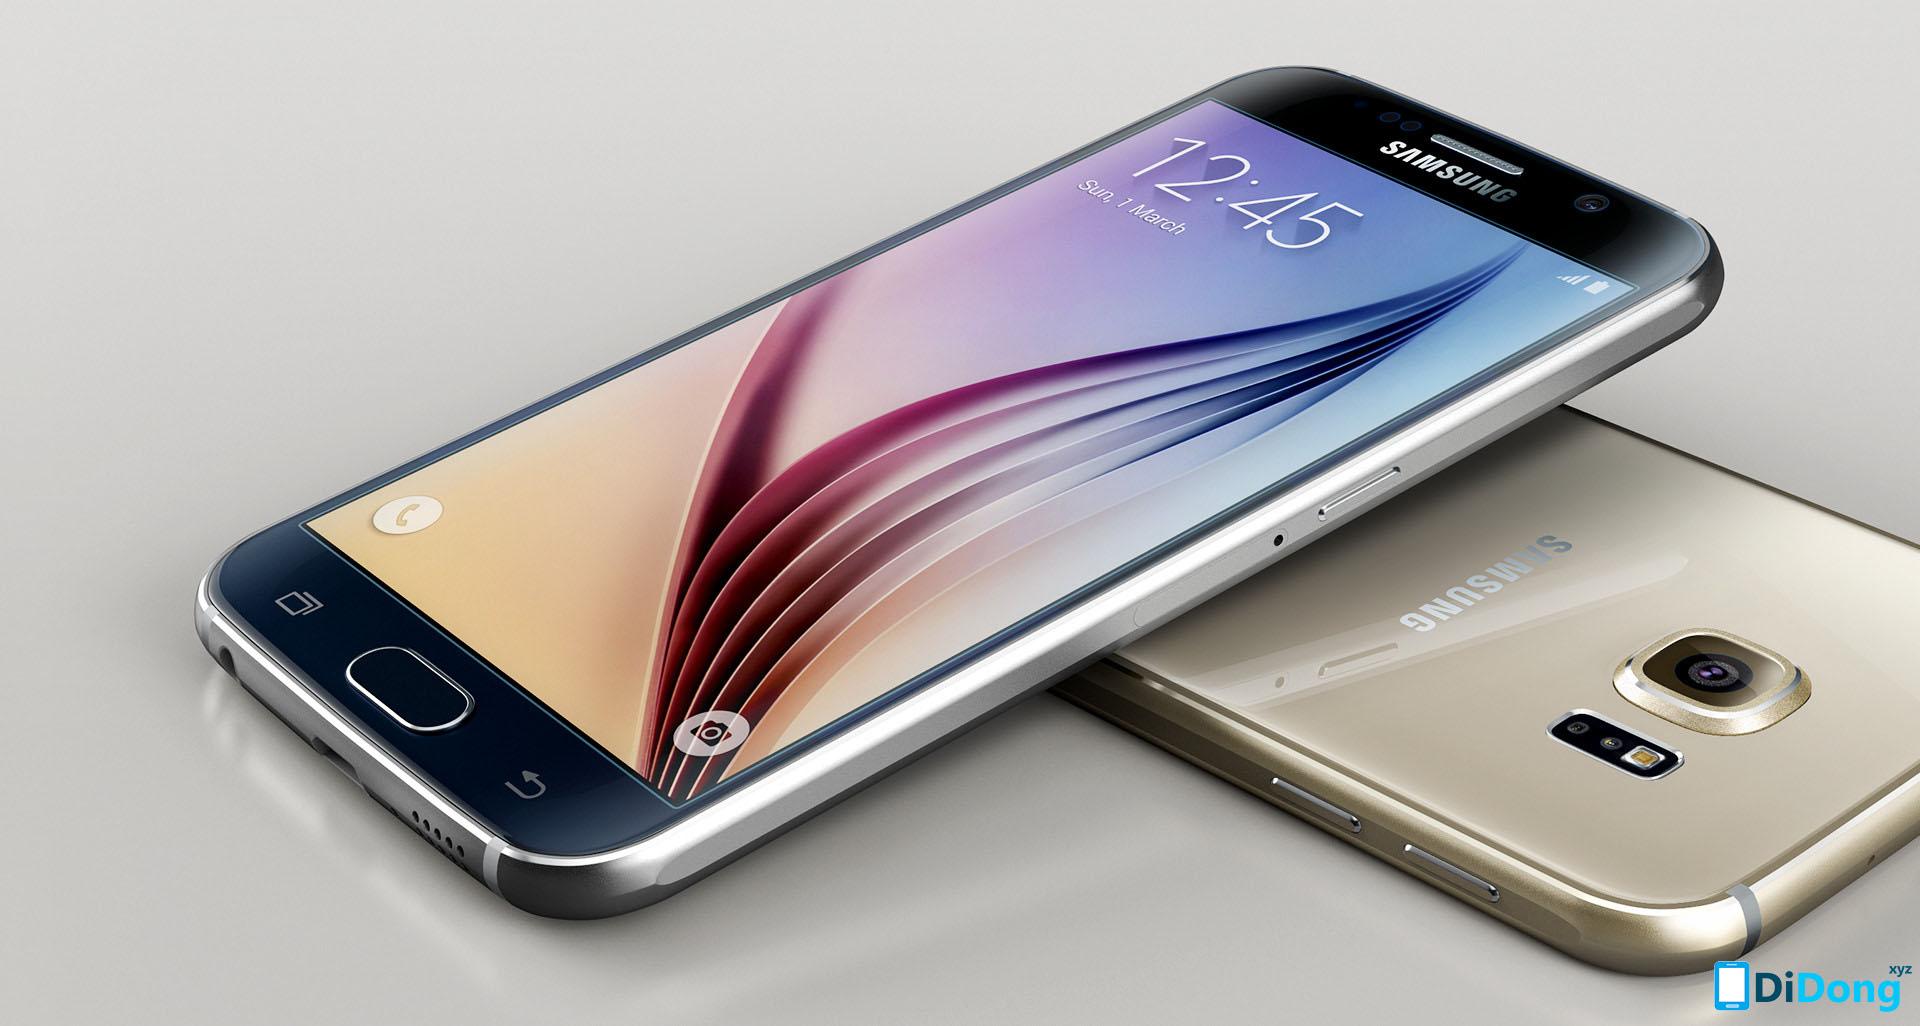 Samsung Galaxy S6 SM-G920F Schematics